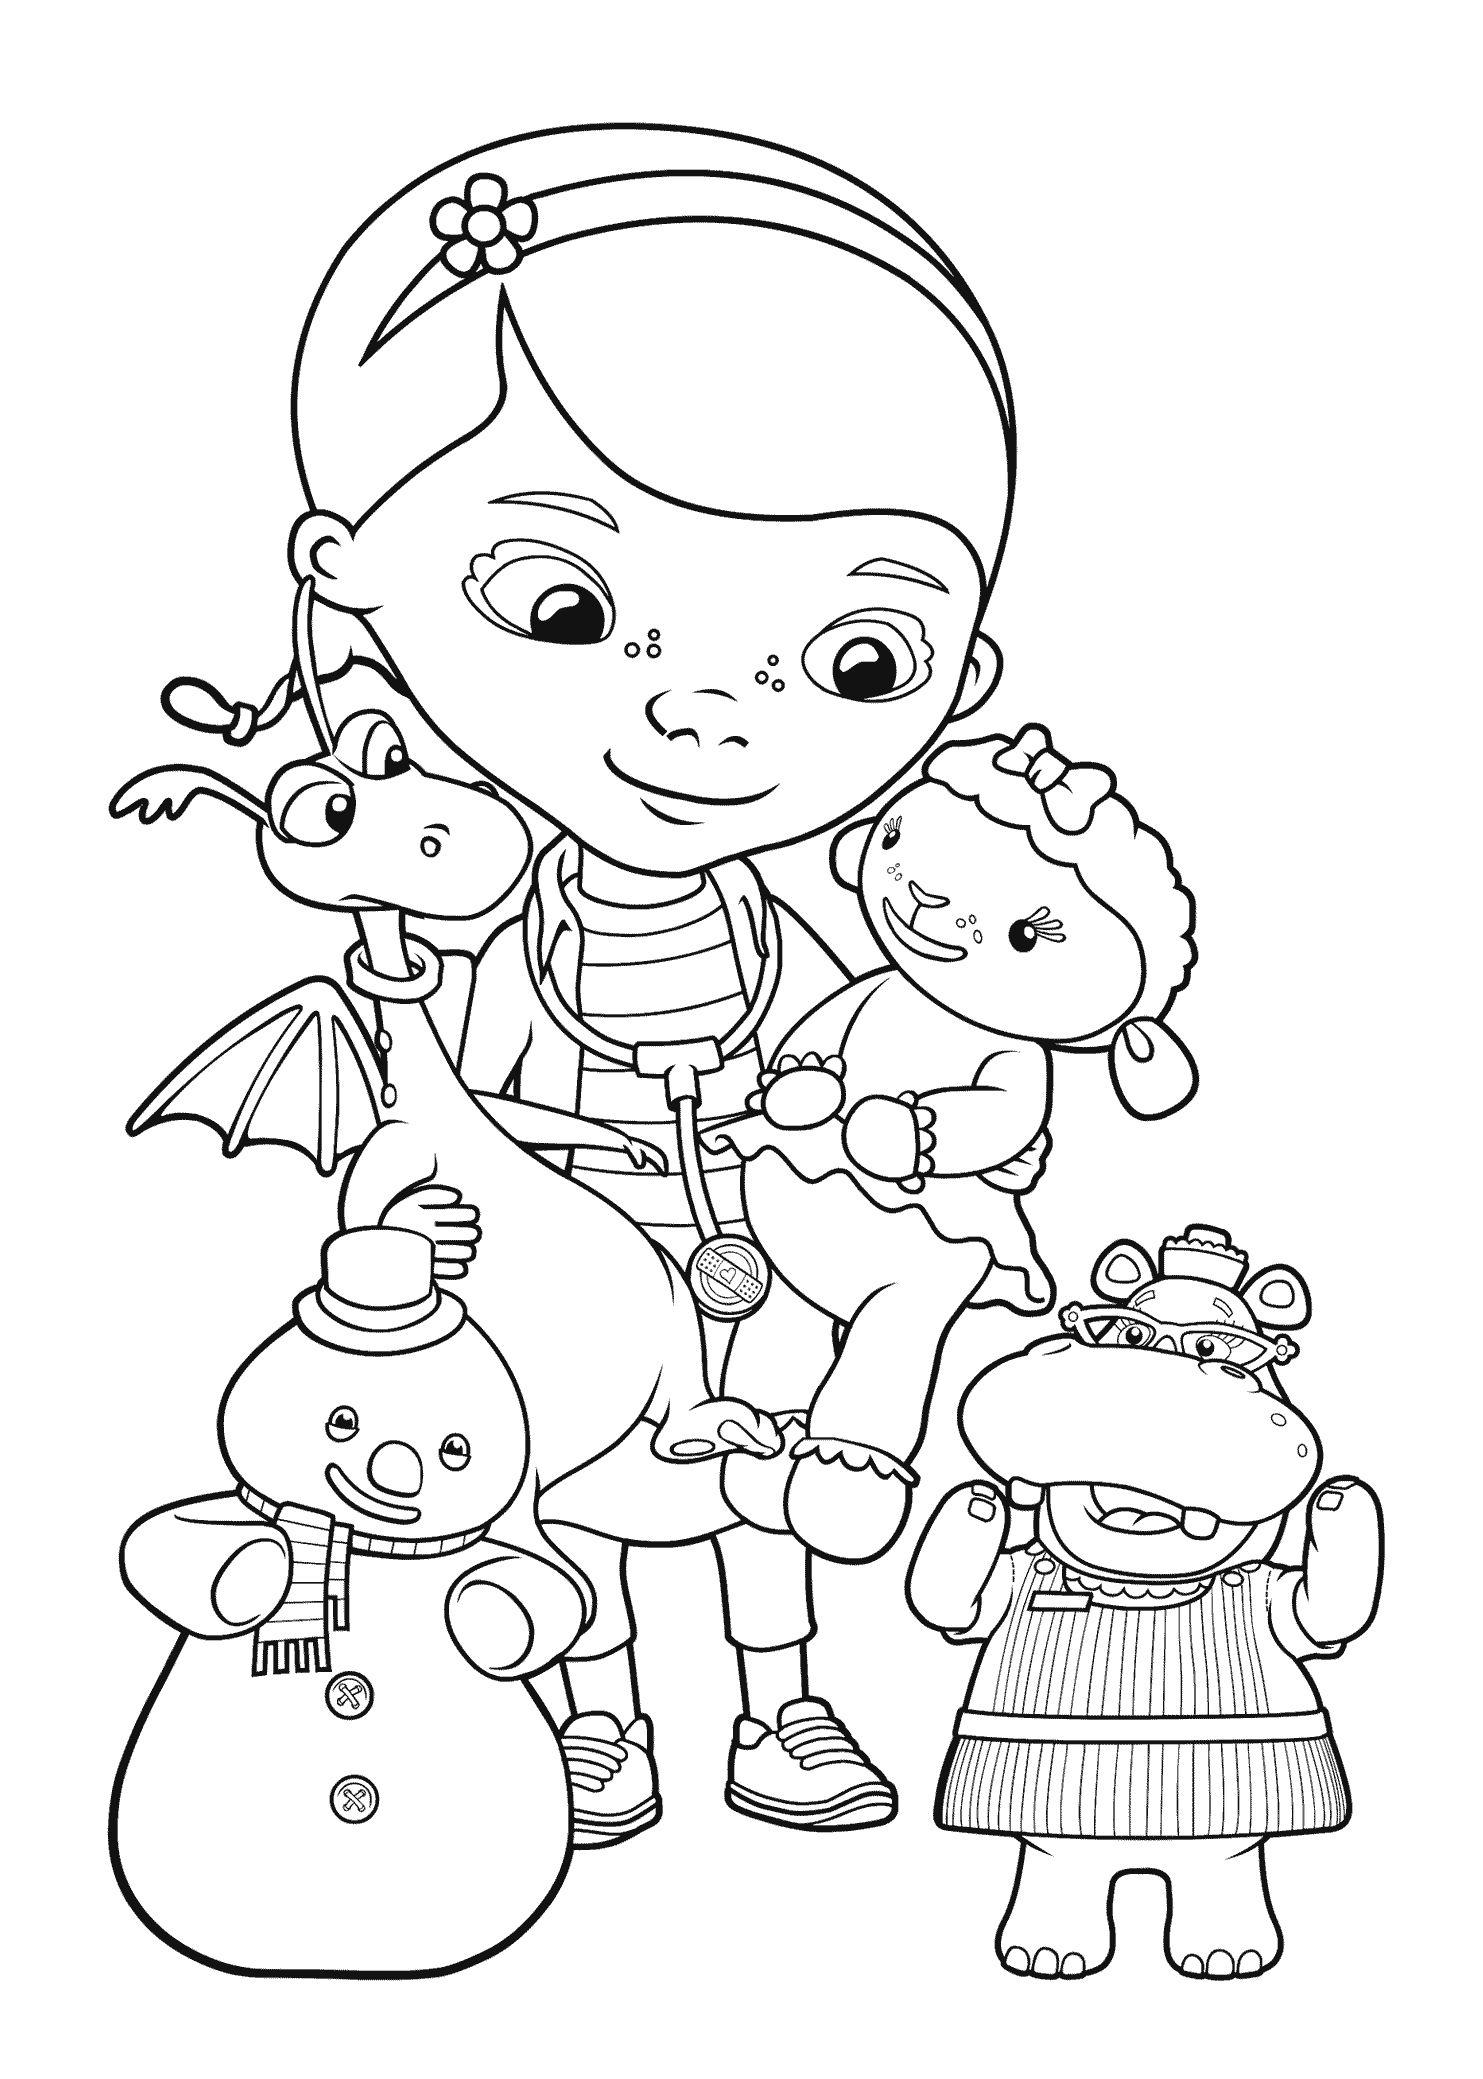 Disney Coloring Pages Doc Mcstuffins | Coloring Pages | Doc | Doc Mcstuffins Printable Worksheets